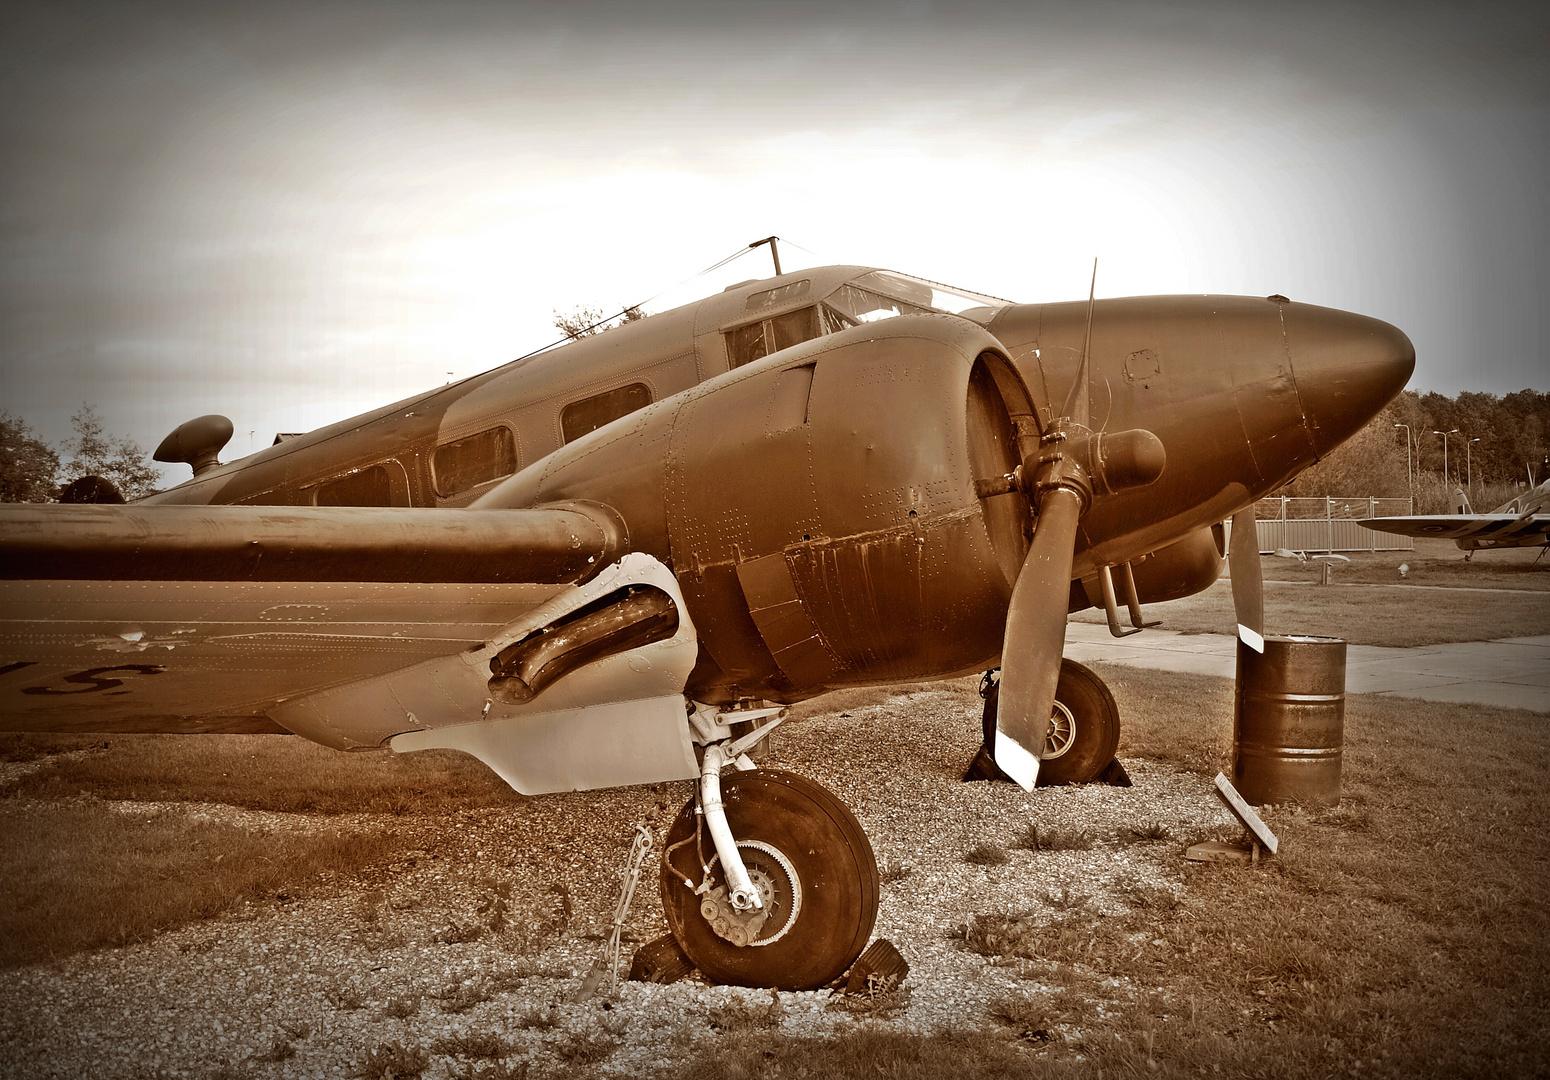 Model 18 Twin Beech